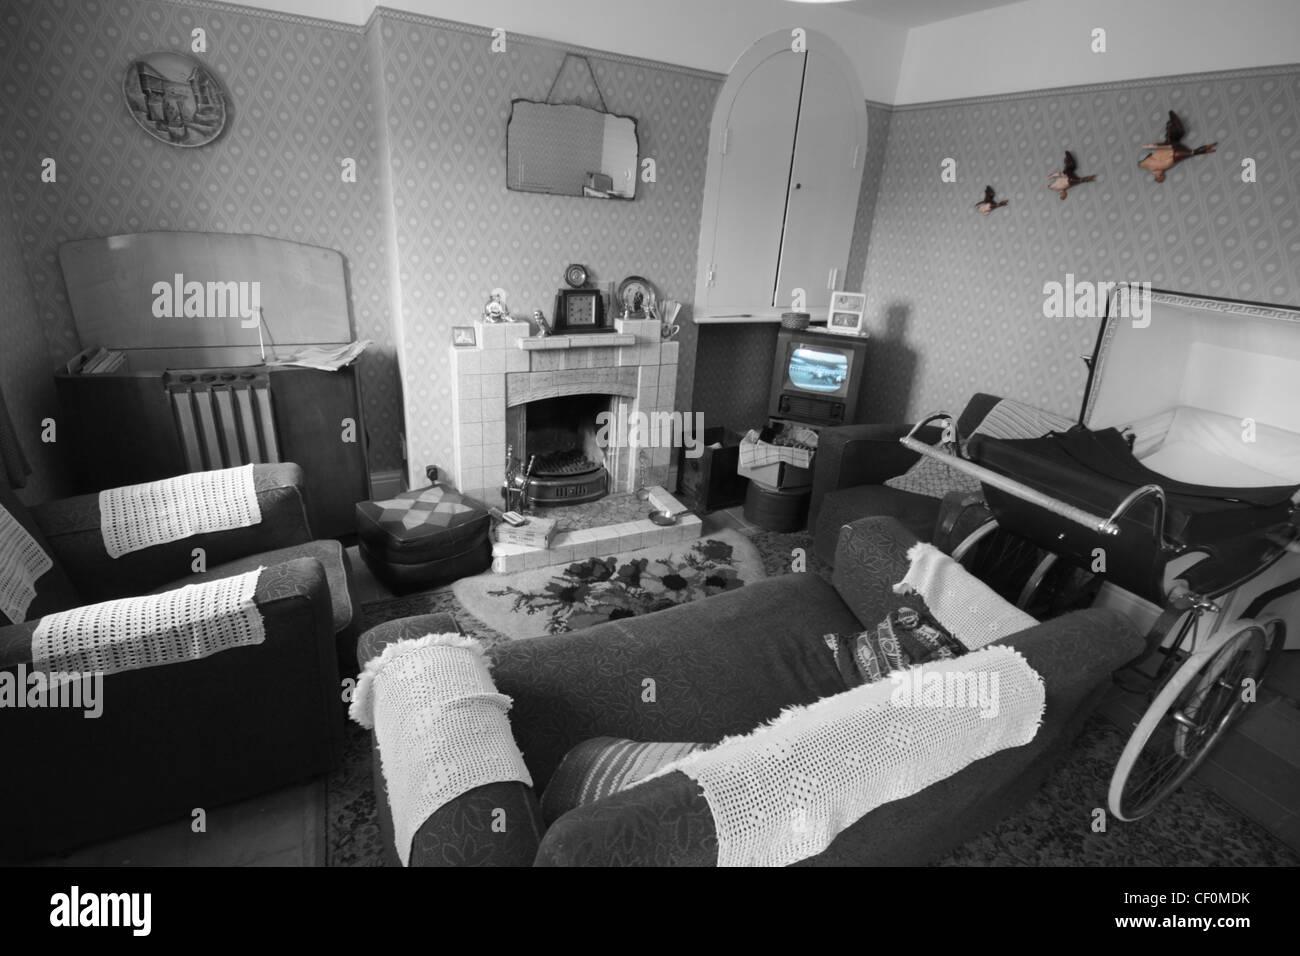 Laden Sie dieses Alamy Stockfoto Beispiel aus einem 50er Jahre Wohnzimmer, komplett mit 405 Linie Fernsehen. - CF0MDK